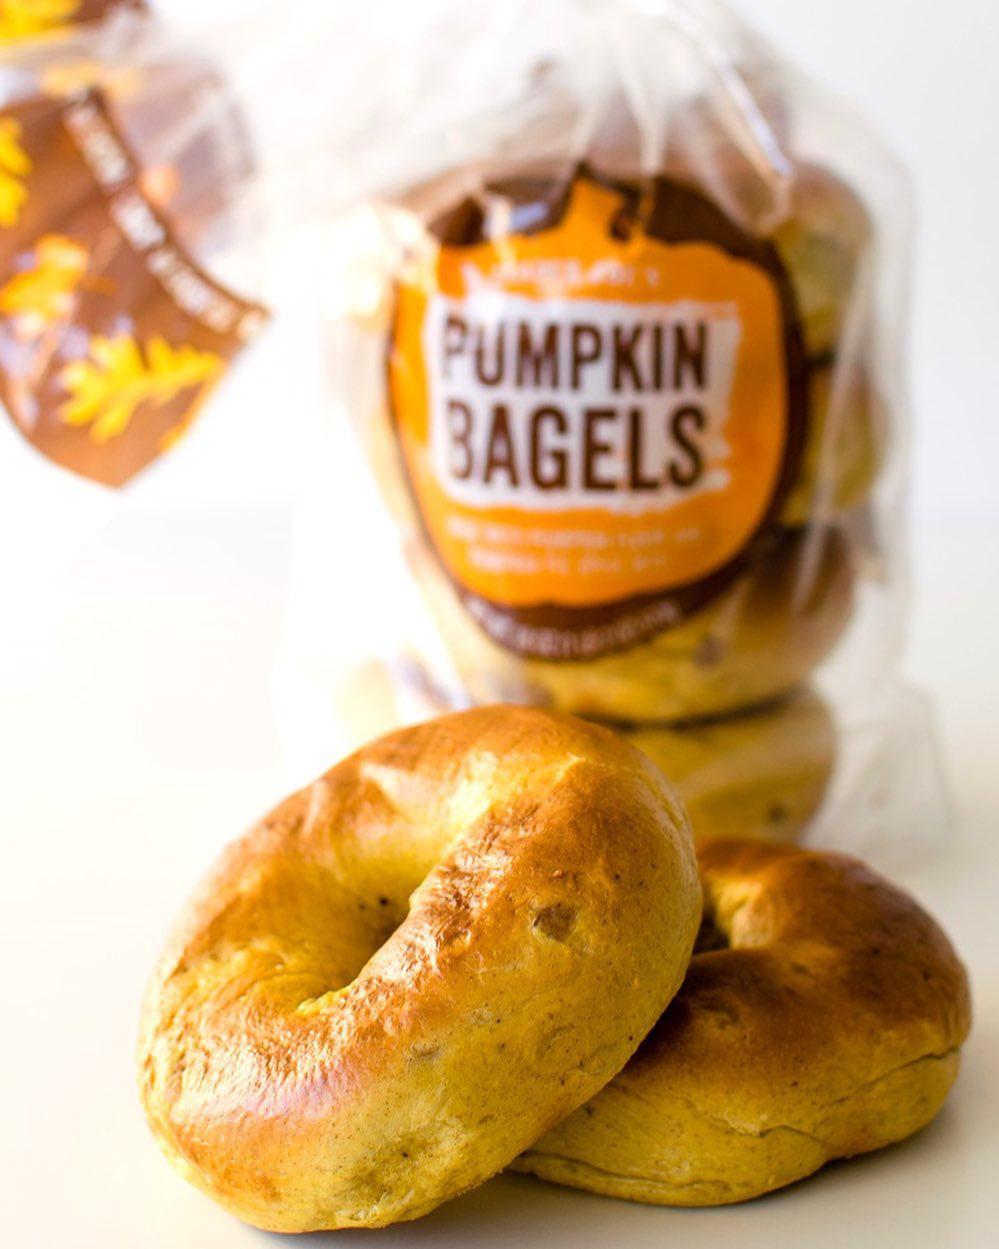 Pumpkin Bagels